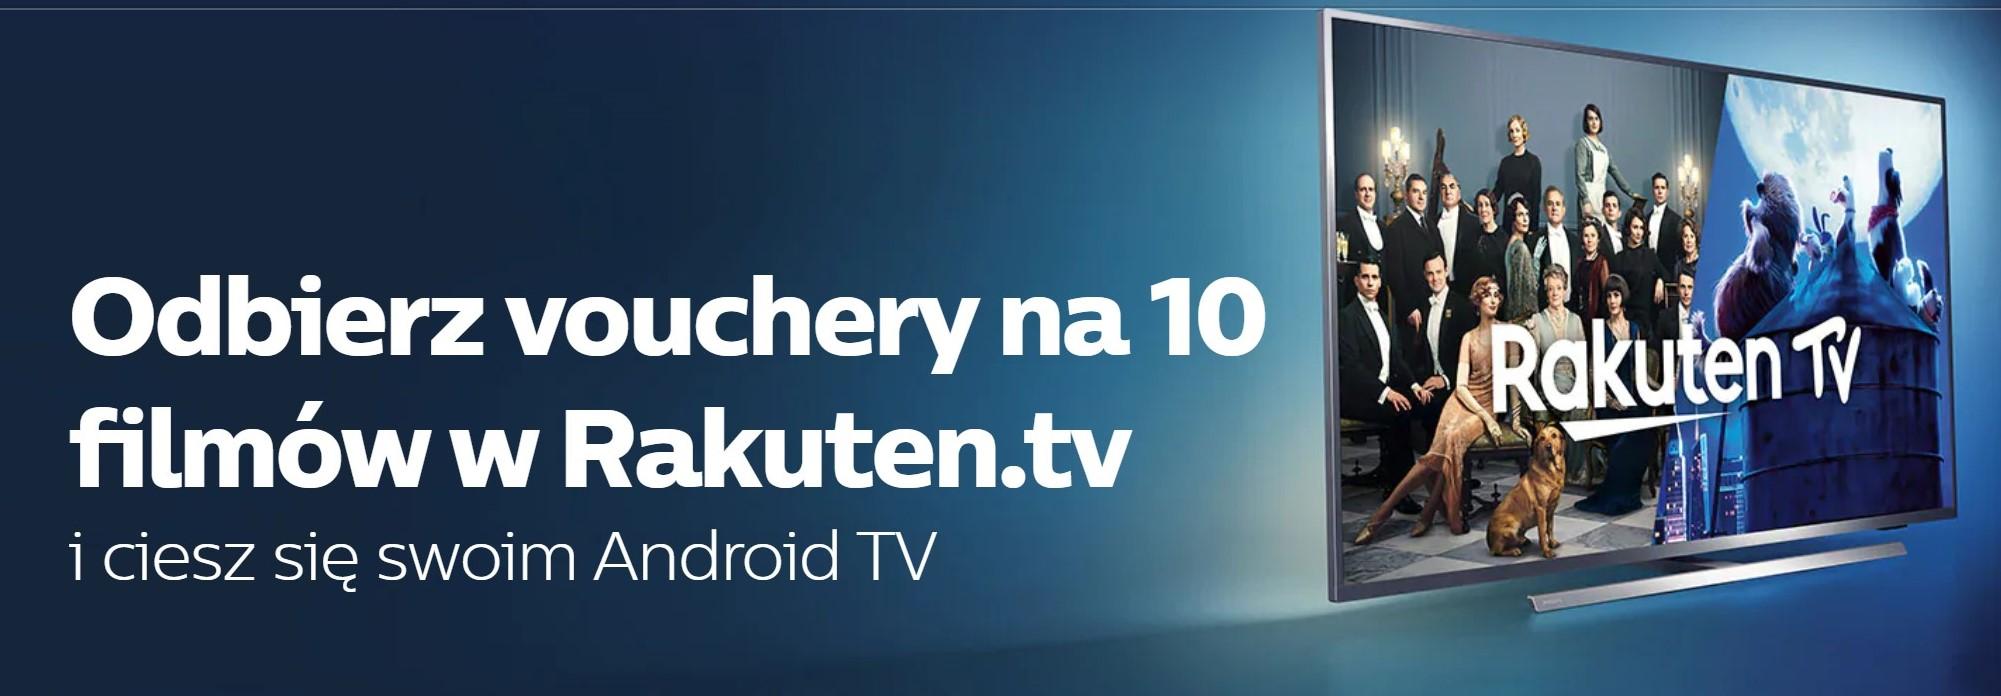 Zobacz, co możesz zyskać, kupując teraz TV